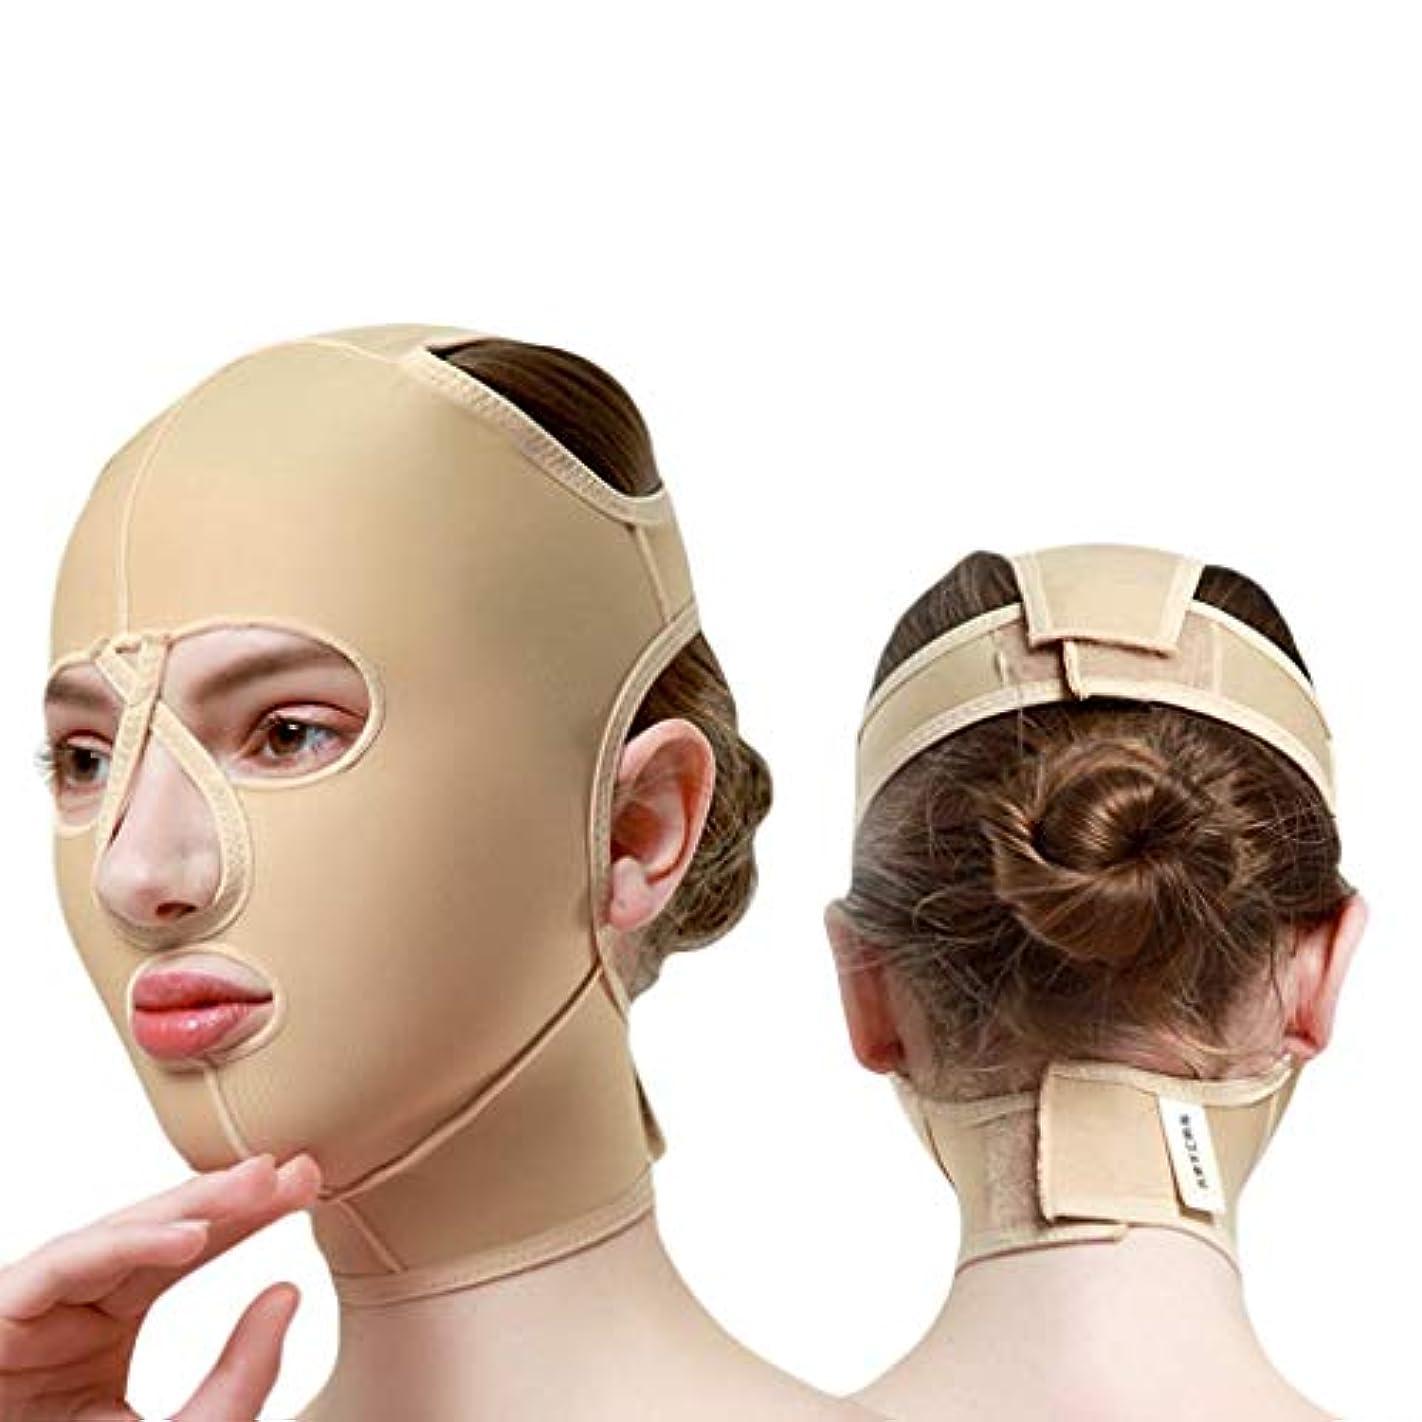 歩行者ズボン動機チンストラップ、顔彫りツール、リフティングマスク、ダブルチンリデューサー、フェイスリフティングエラスティックマスクメス(サイズ:M),M